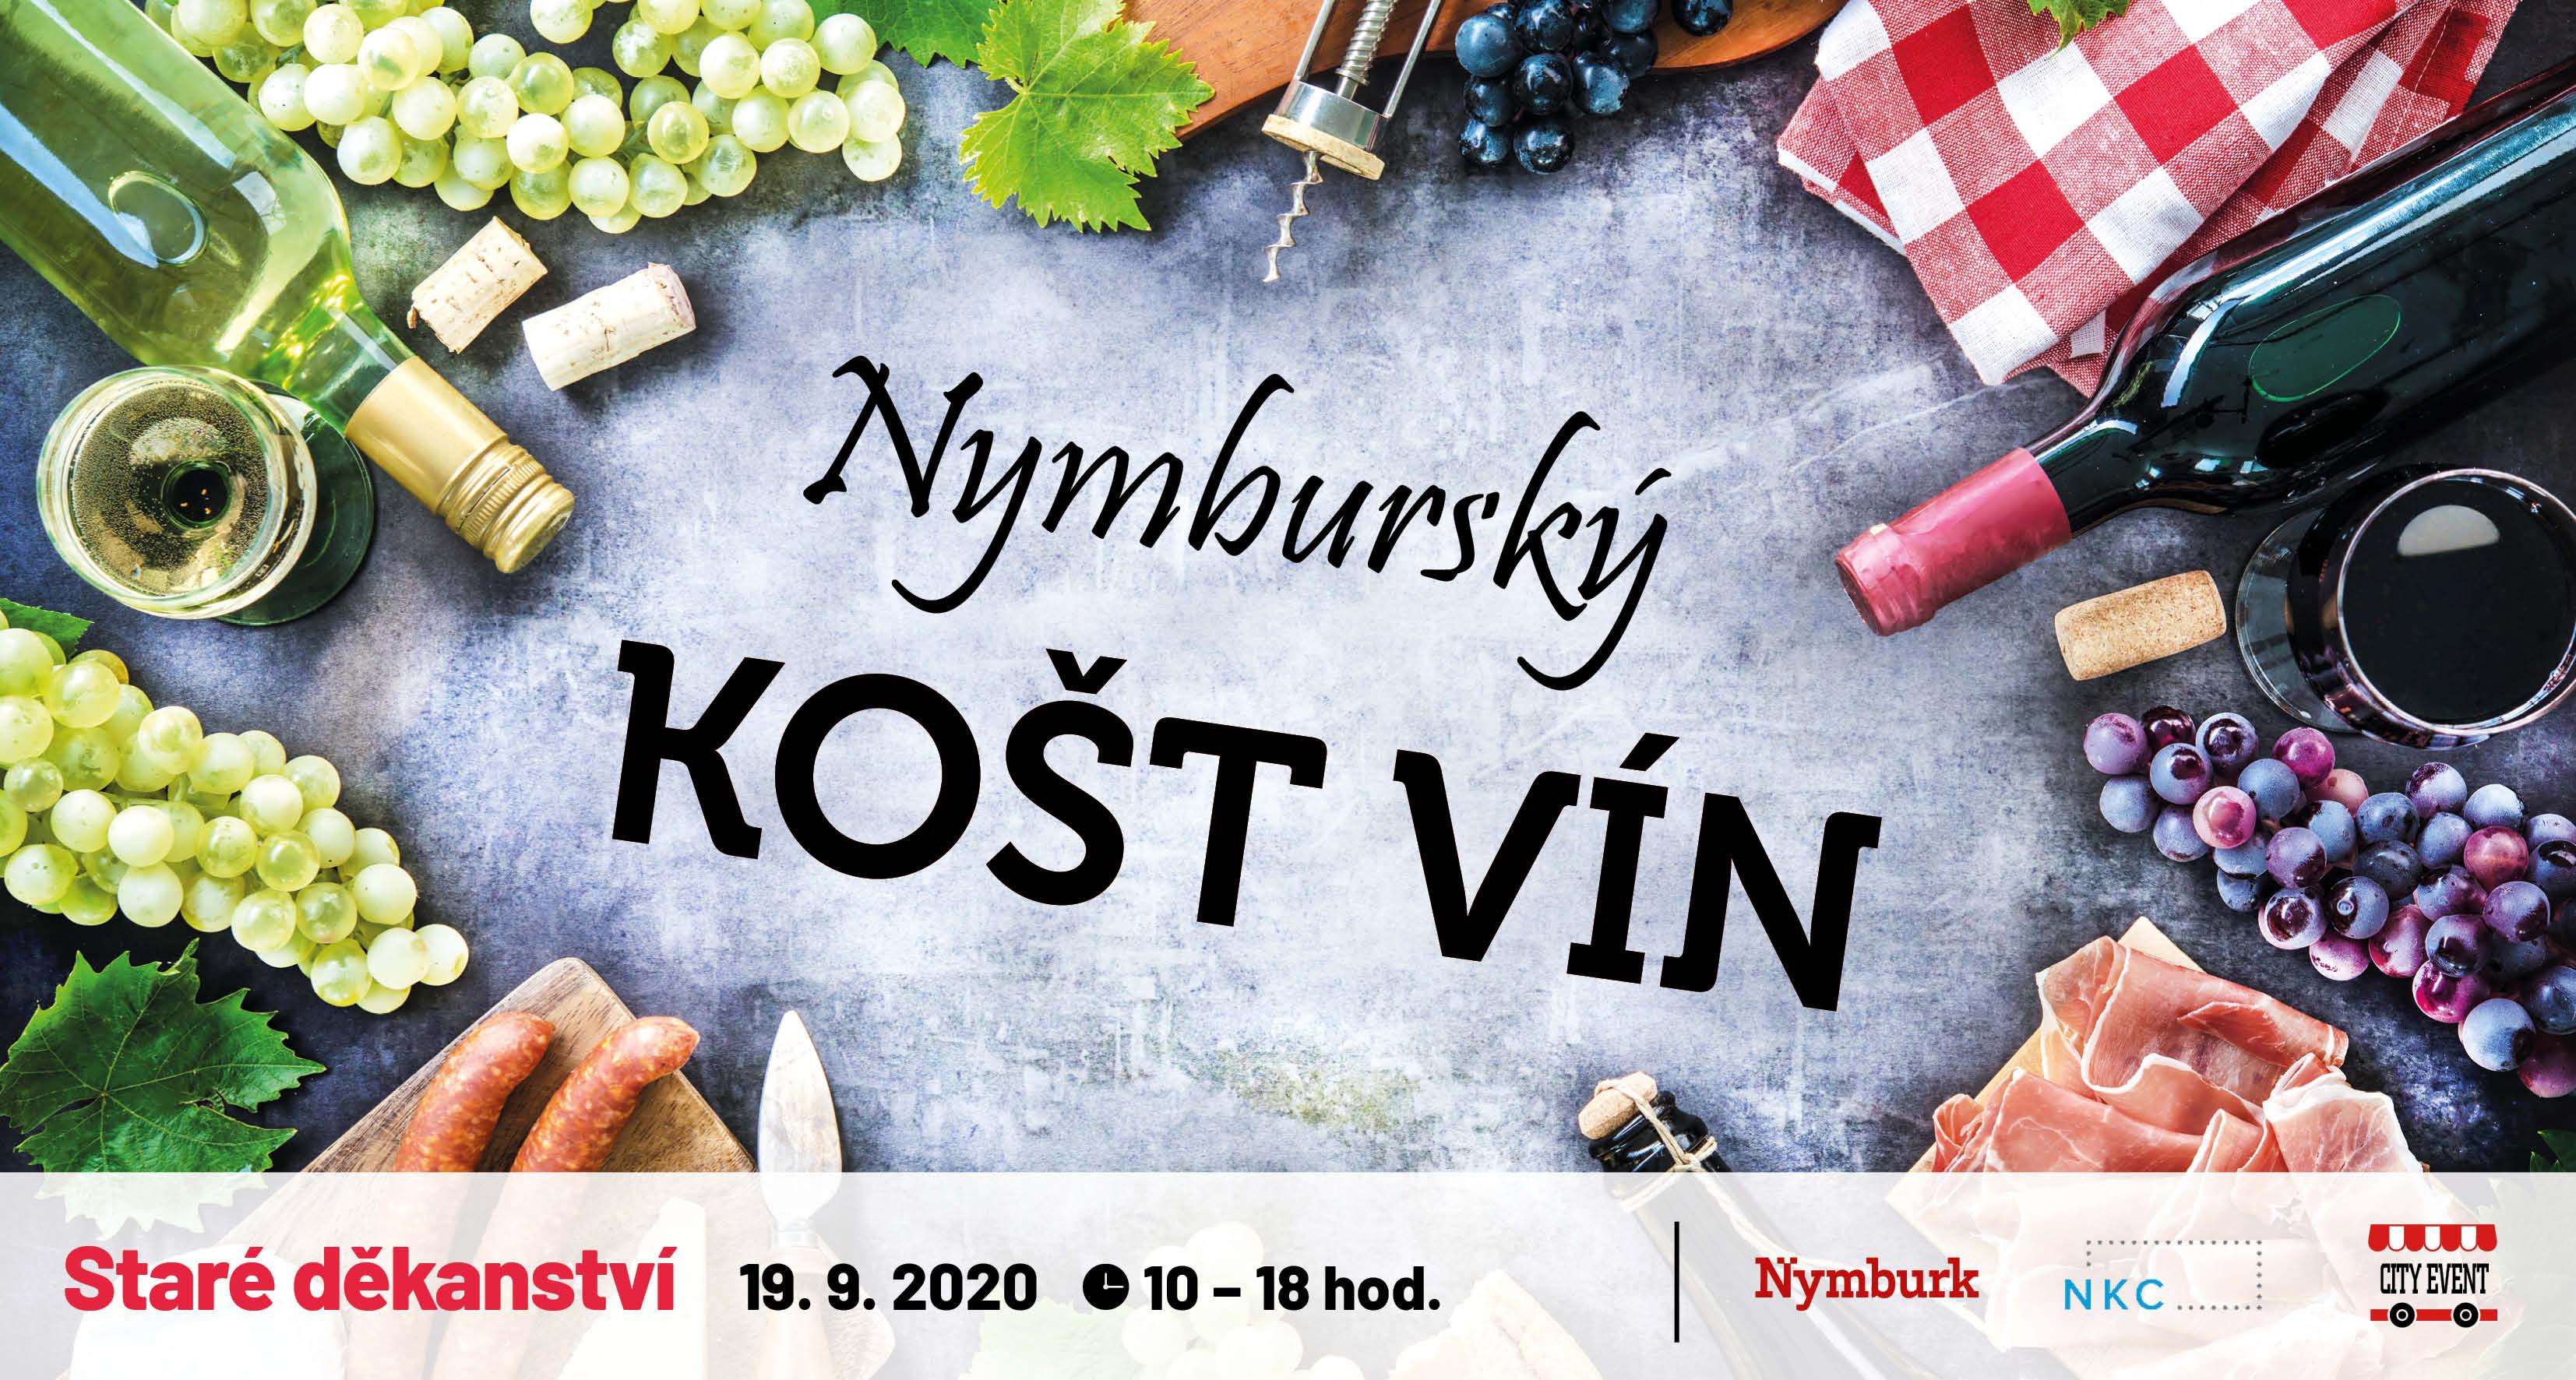 Nymburský košt vín